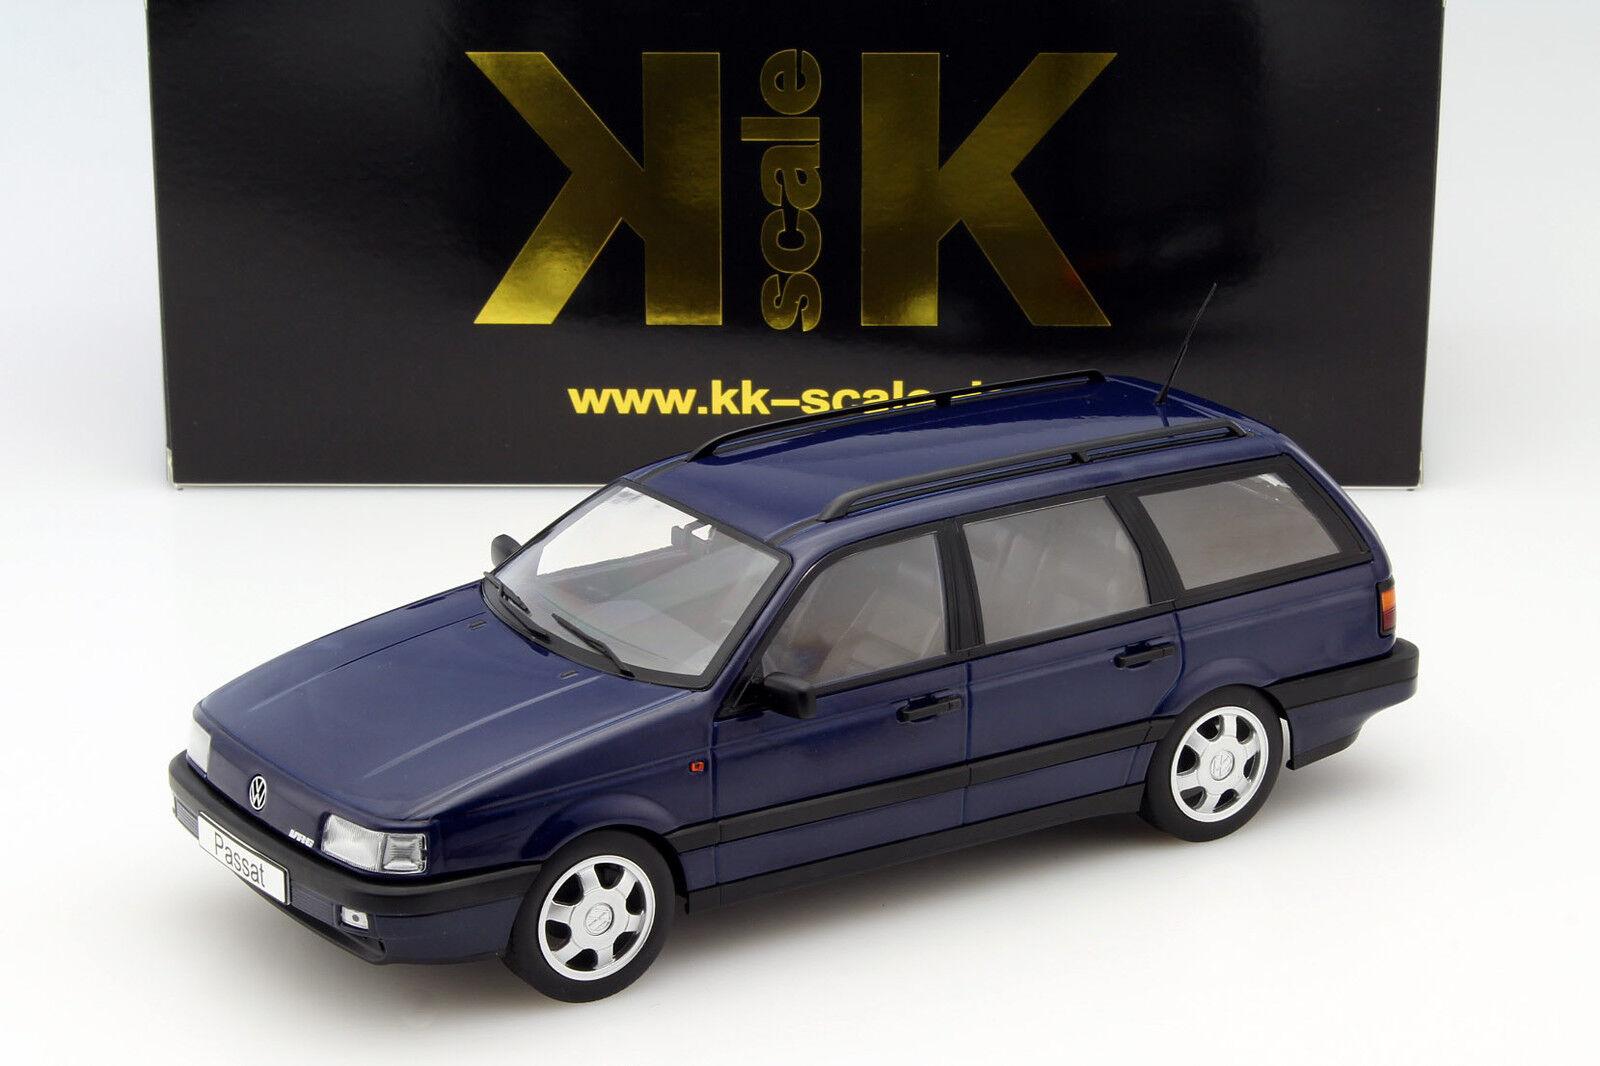 Volkswagen VW Passat B3 Variant Año Fabricación 1988 blue 1 18 Kk-Scale